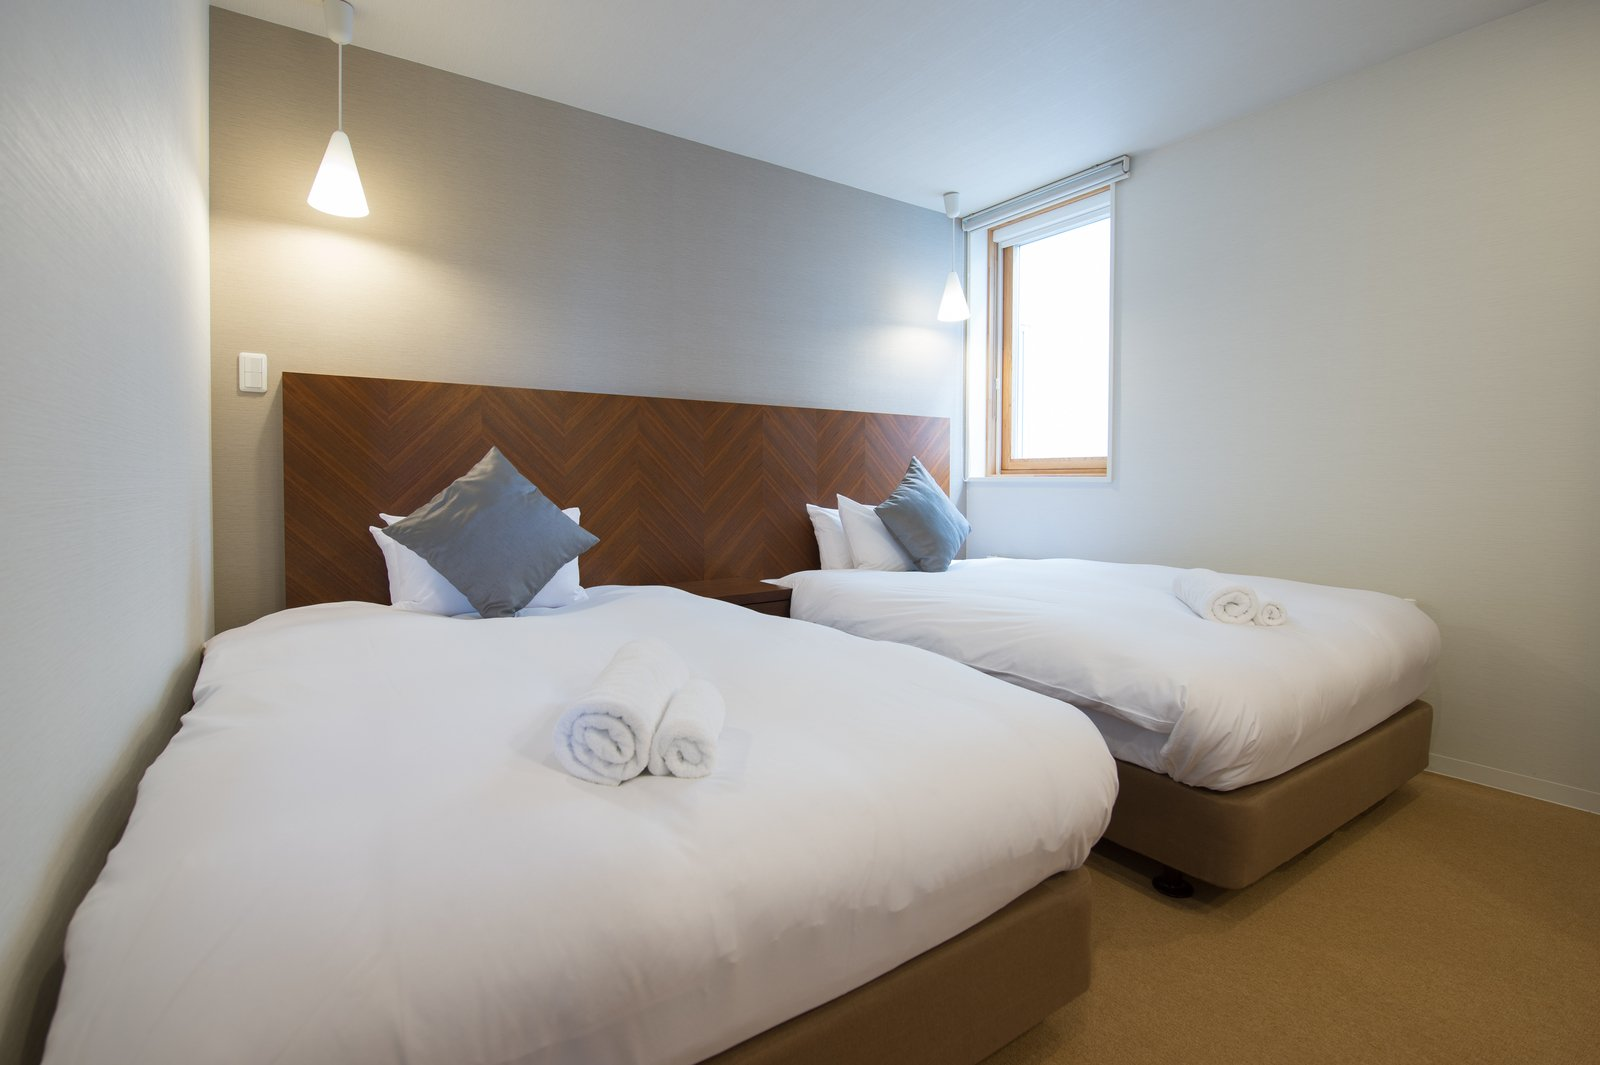 Niseko landmark view 2 bedroom deluxe apartment large